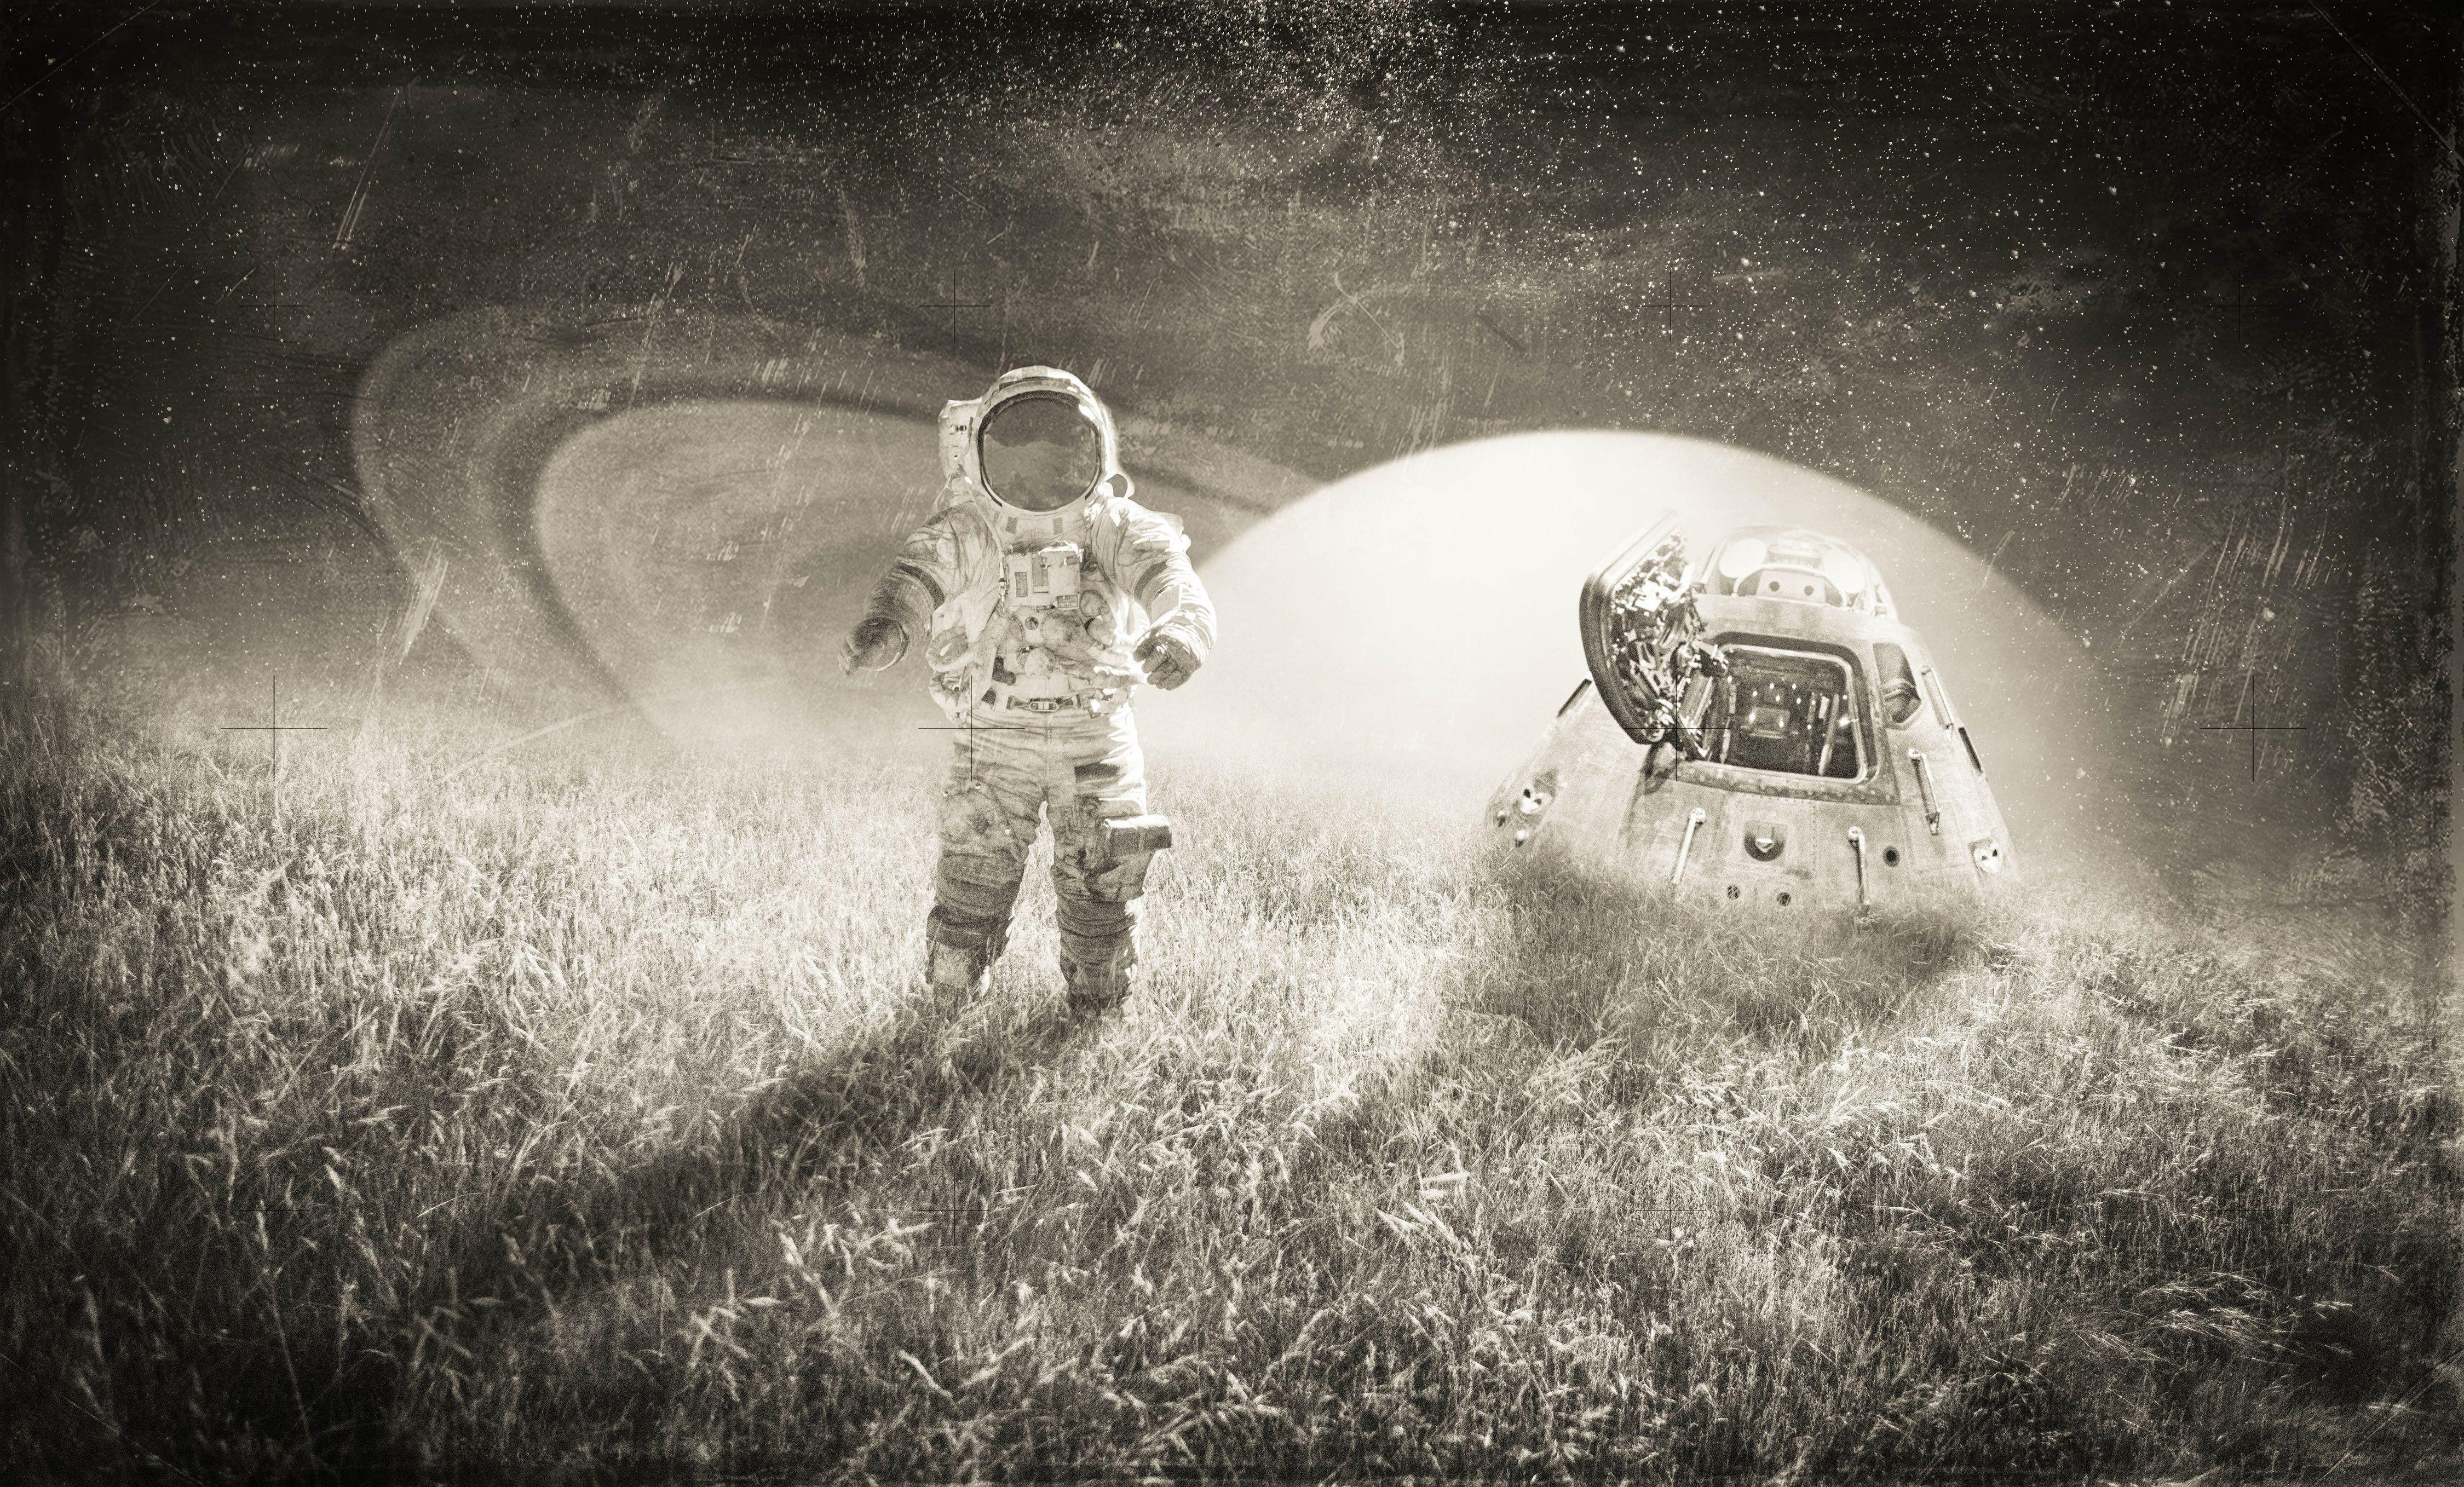 View Download Comment And Rate This 4500x2716 Astronaut Wallpaper Wallpaper Abyss Primer Viaje A La Luna Viaje A La Luna Viaje Espacial